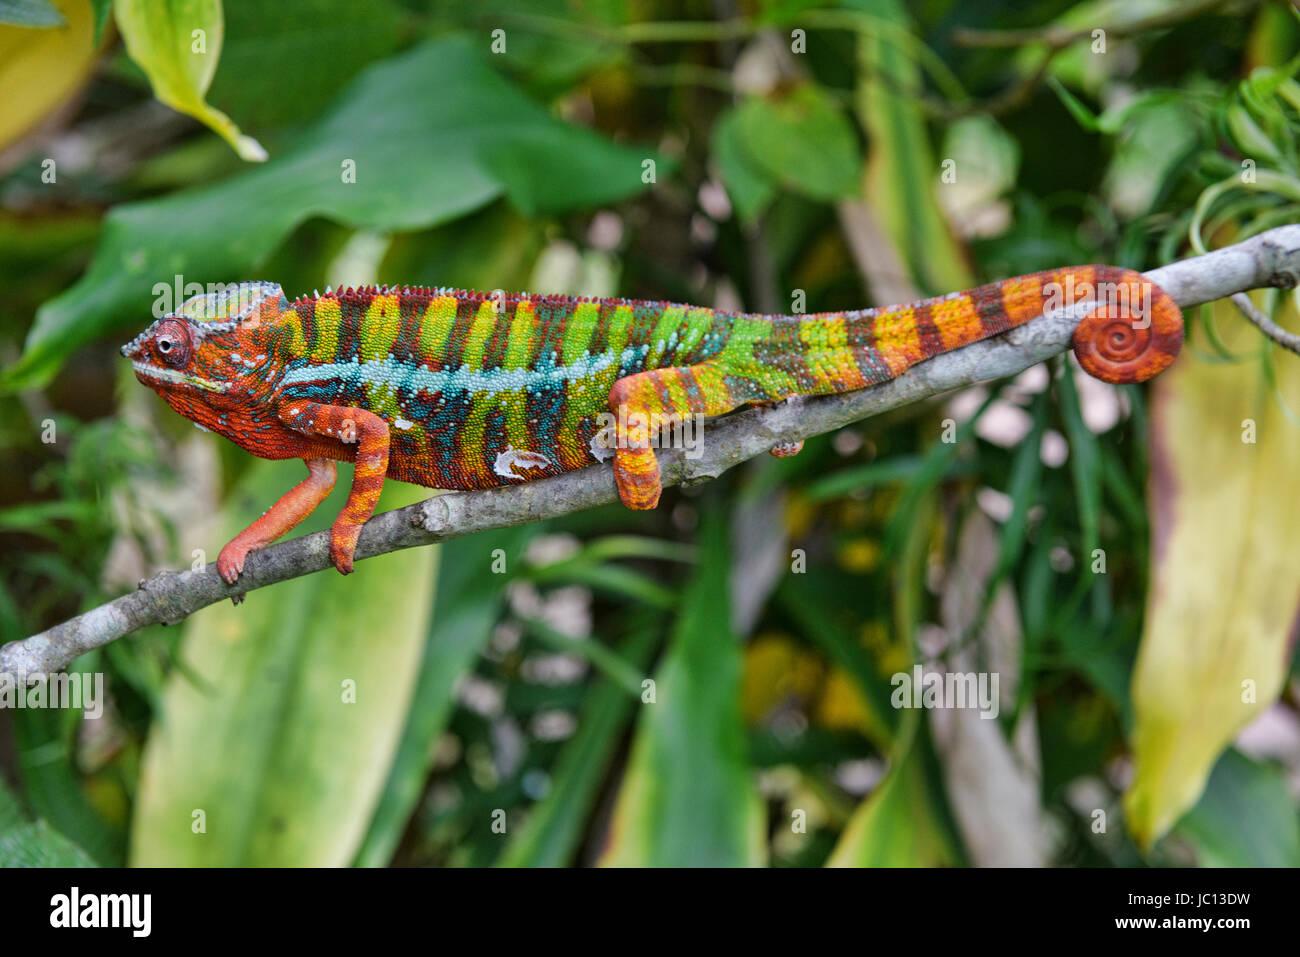 Colourful Panther chameleon (Furcifer pardalis), Andasibe-Mantadia National Park, Madagascar - Stock Image